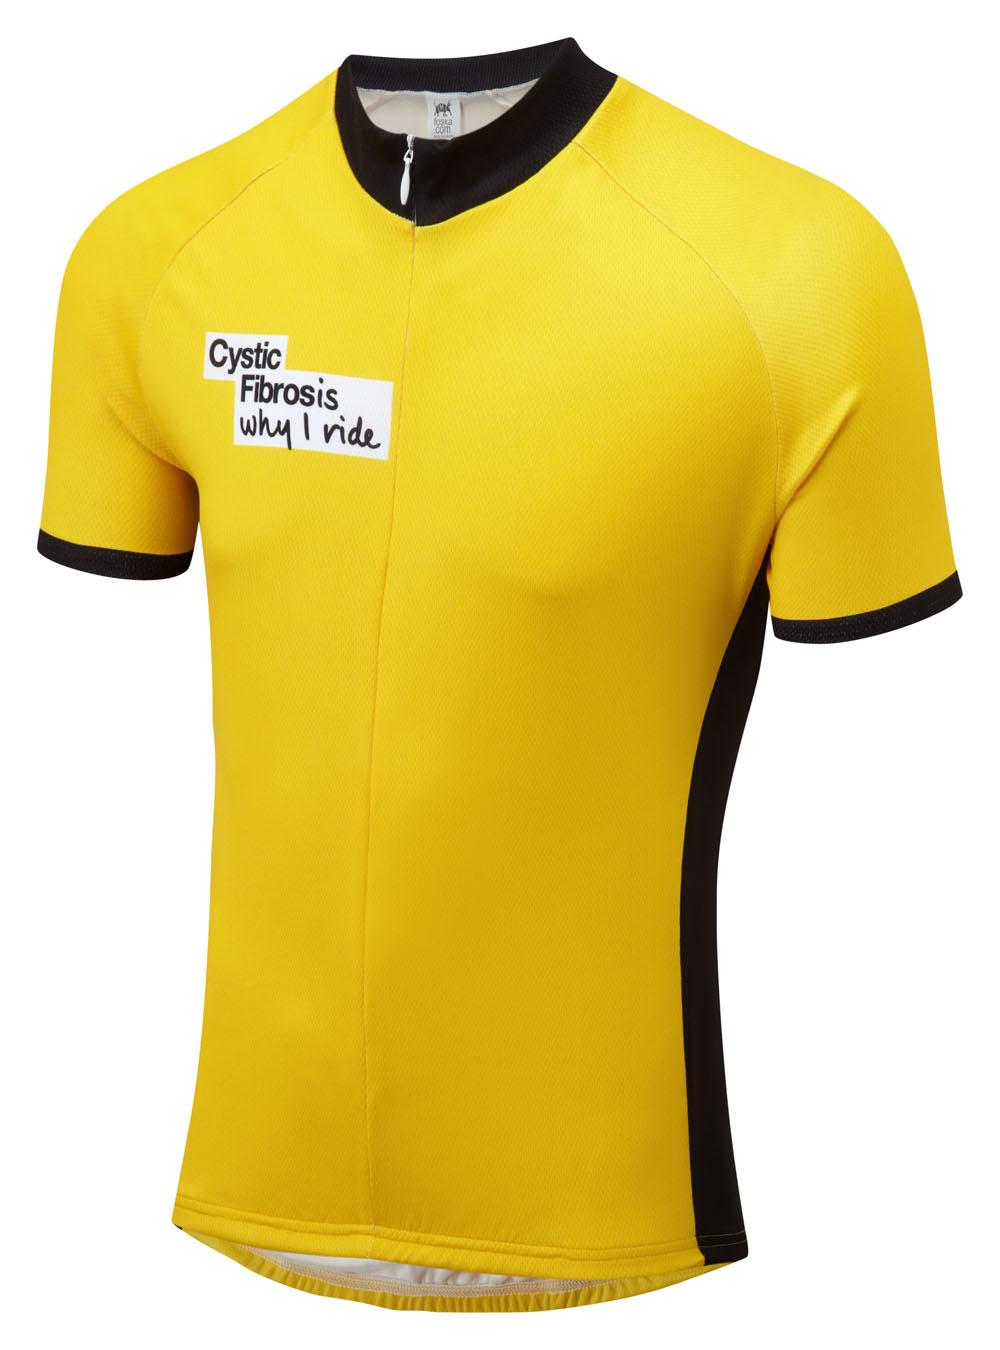 Cystic Fibrosis Road Cycling Jersey Foska Com